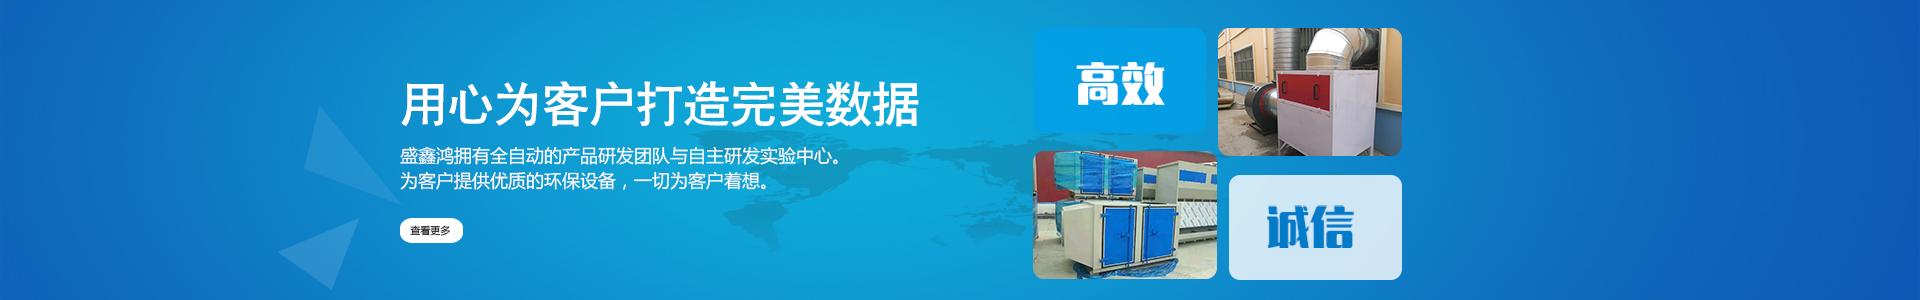 青岛环保设备